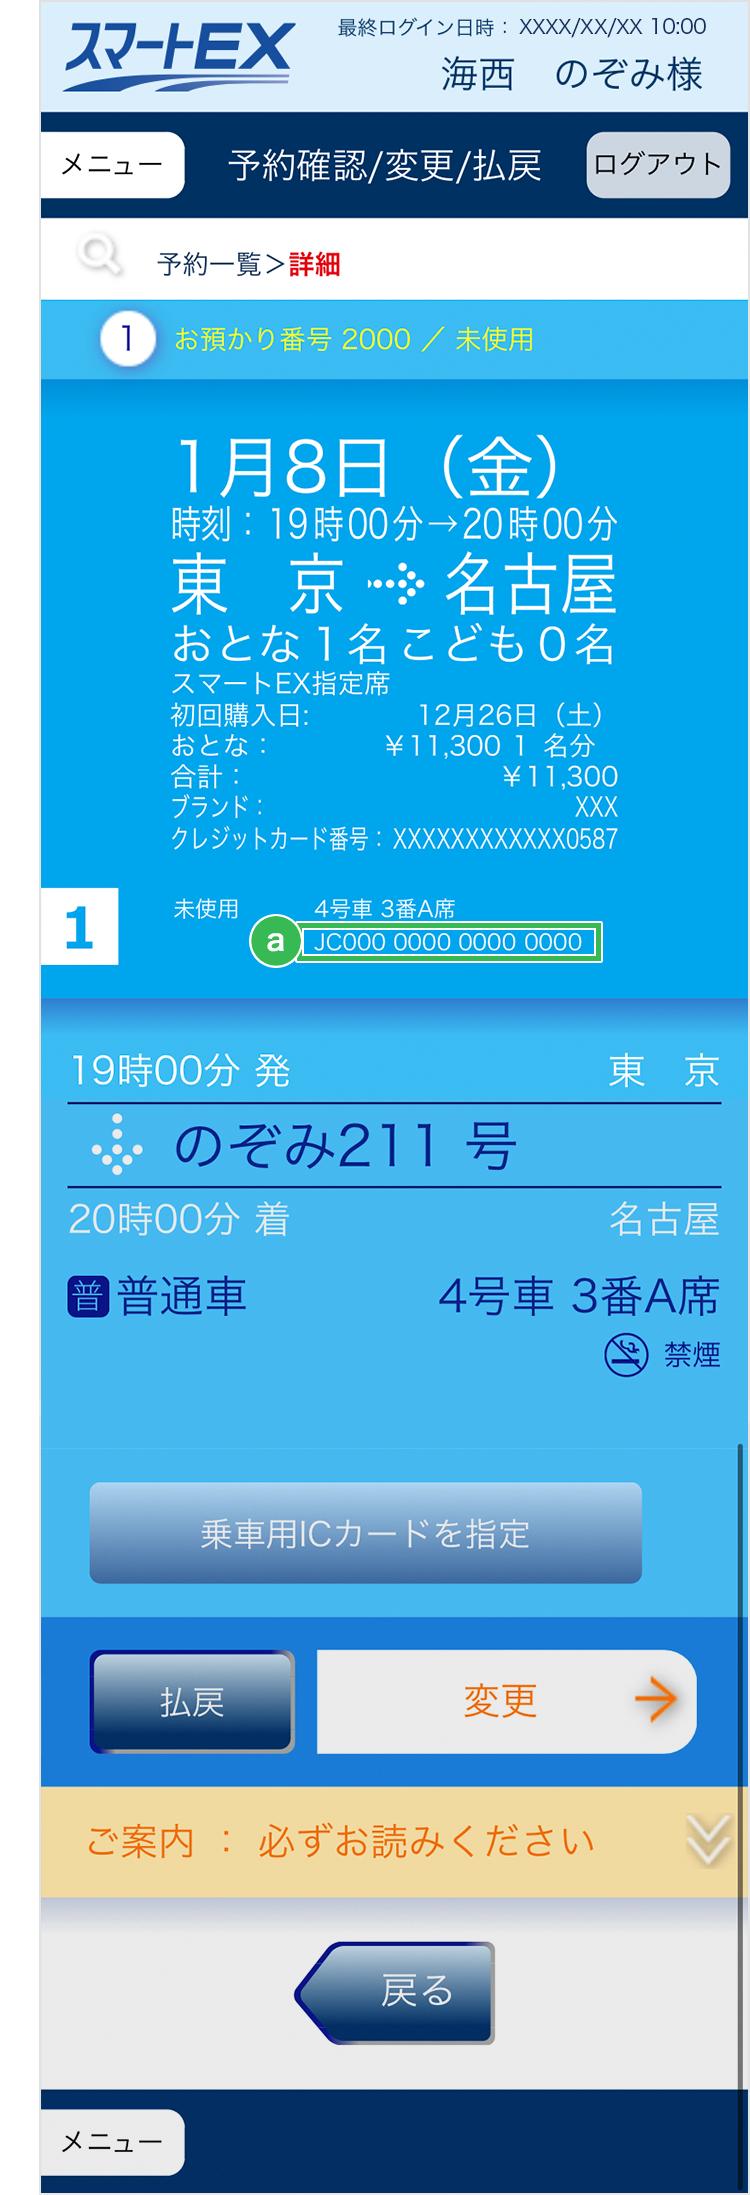 Ex 料金 スマート